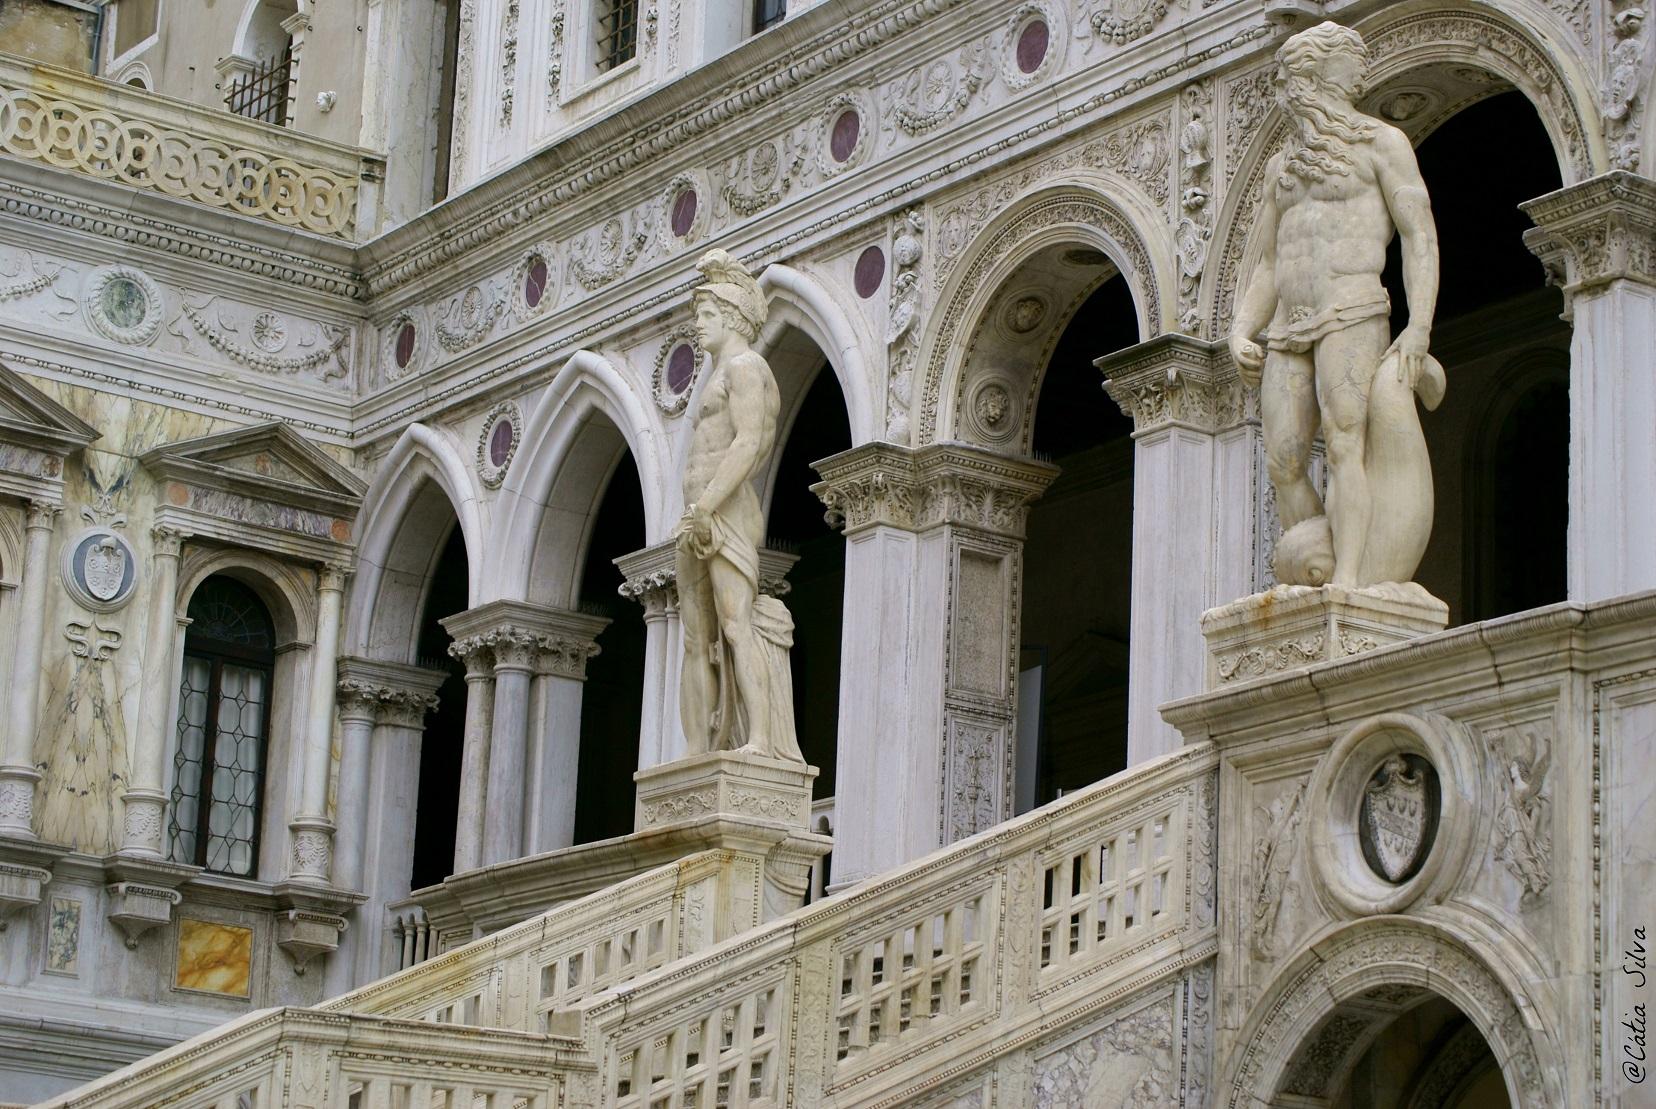 Palacio Ducal - Venecia - Italia (3)